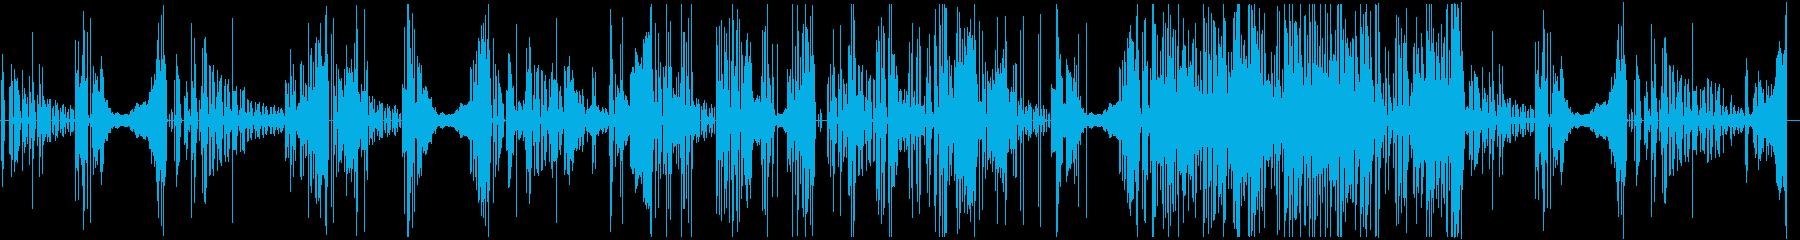 変則ビートのシンセサイザー音の再生済みの波形